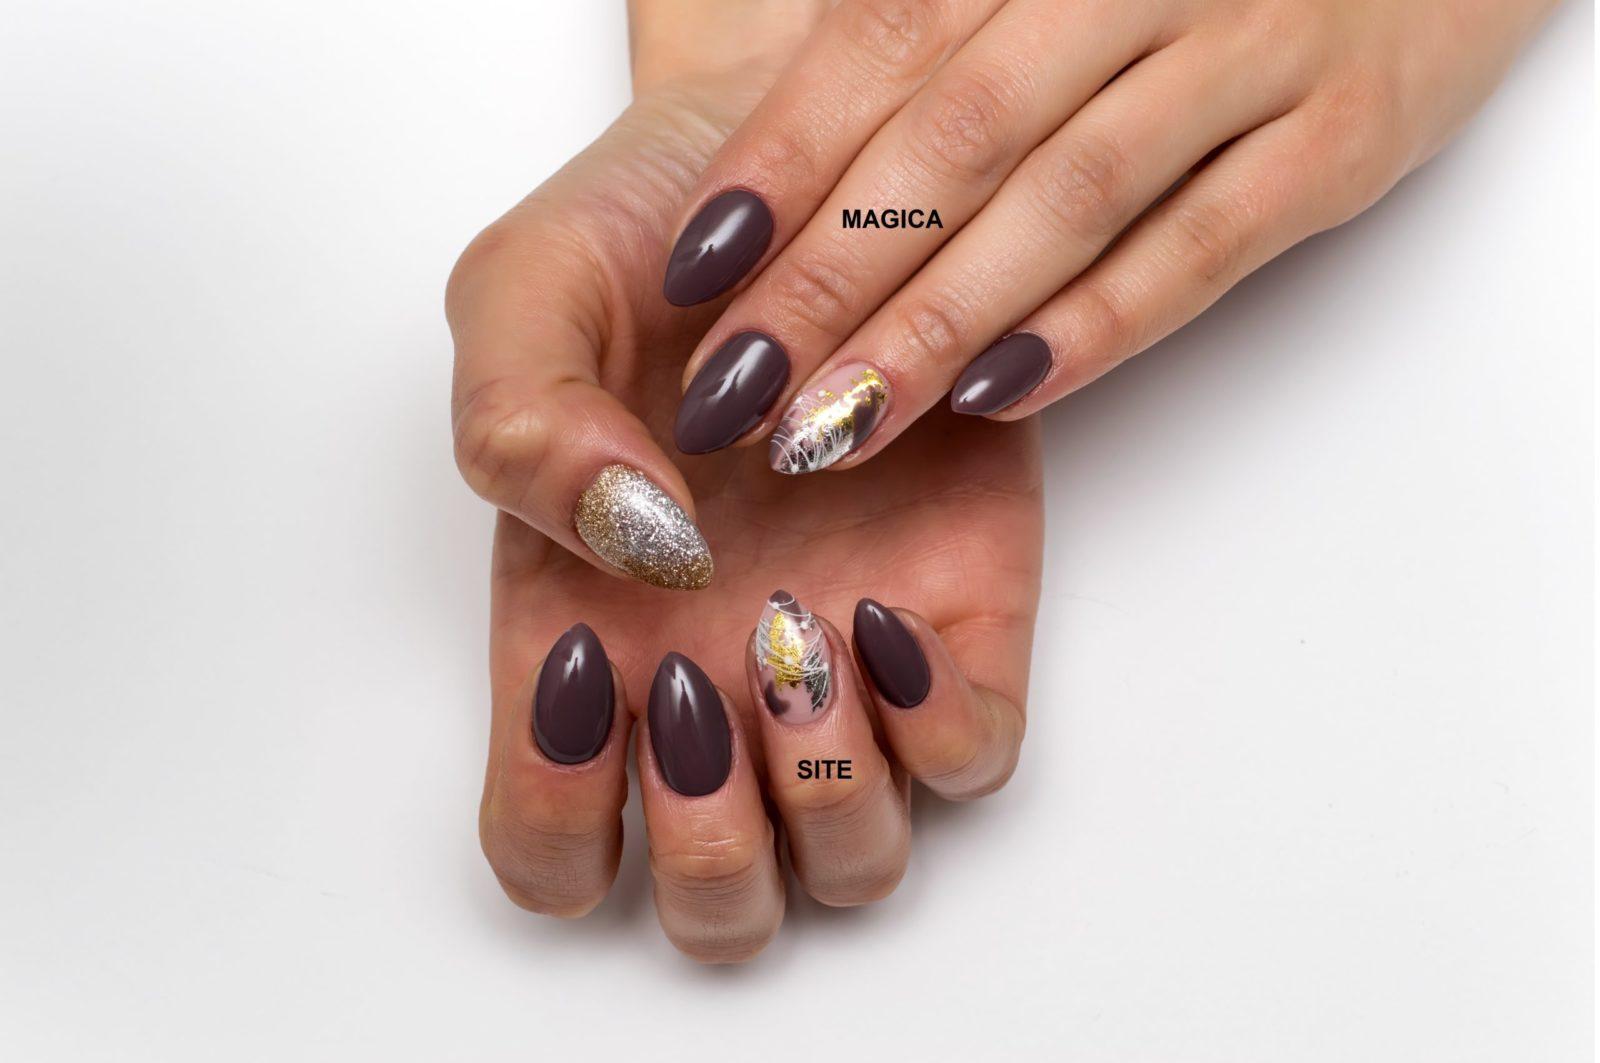 осенний маникюр, комбинированный маникюр, фольга, блестящие ногти, блёстки на ногтях, дизайн ногтей, маникюр 2020